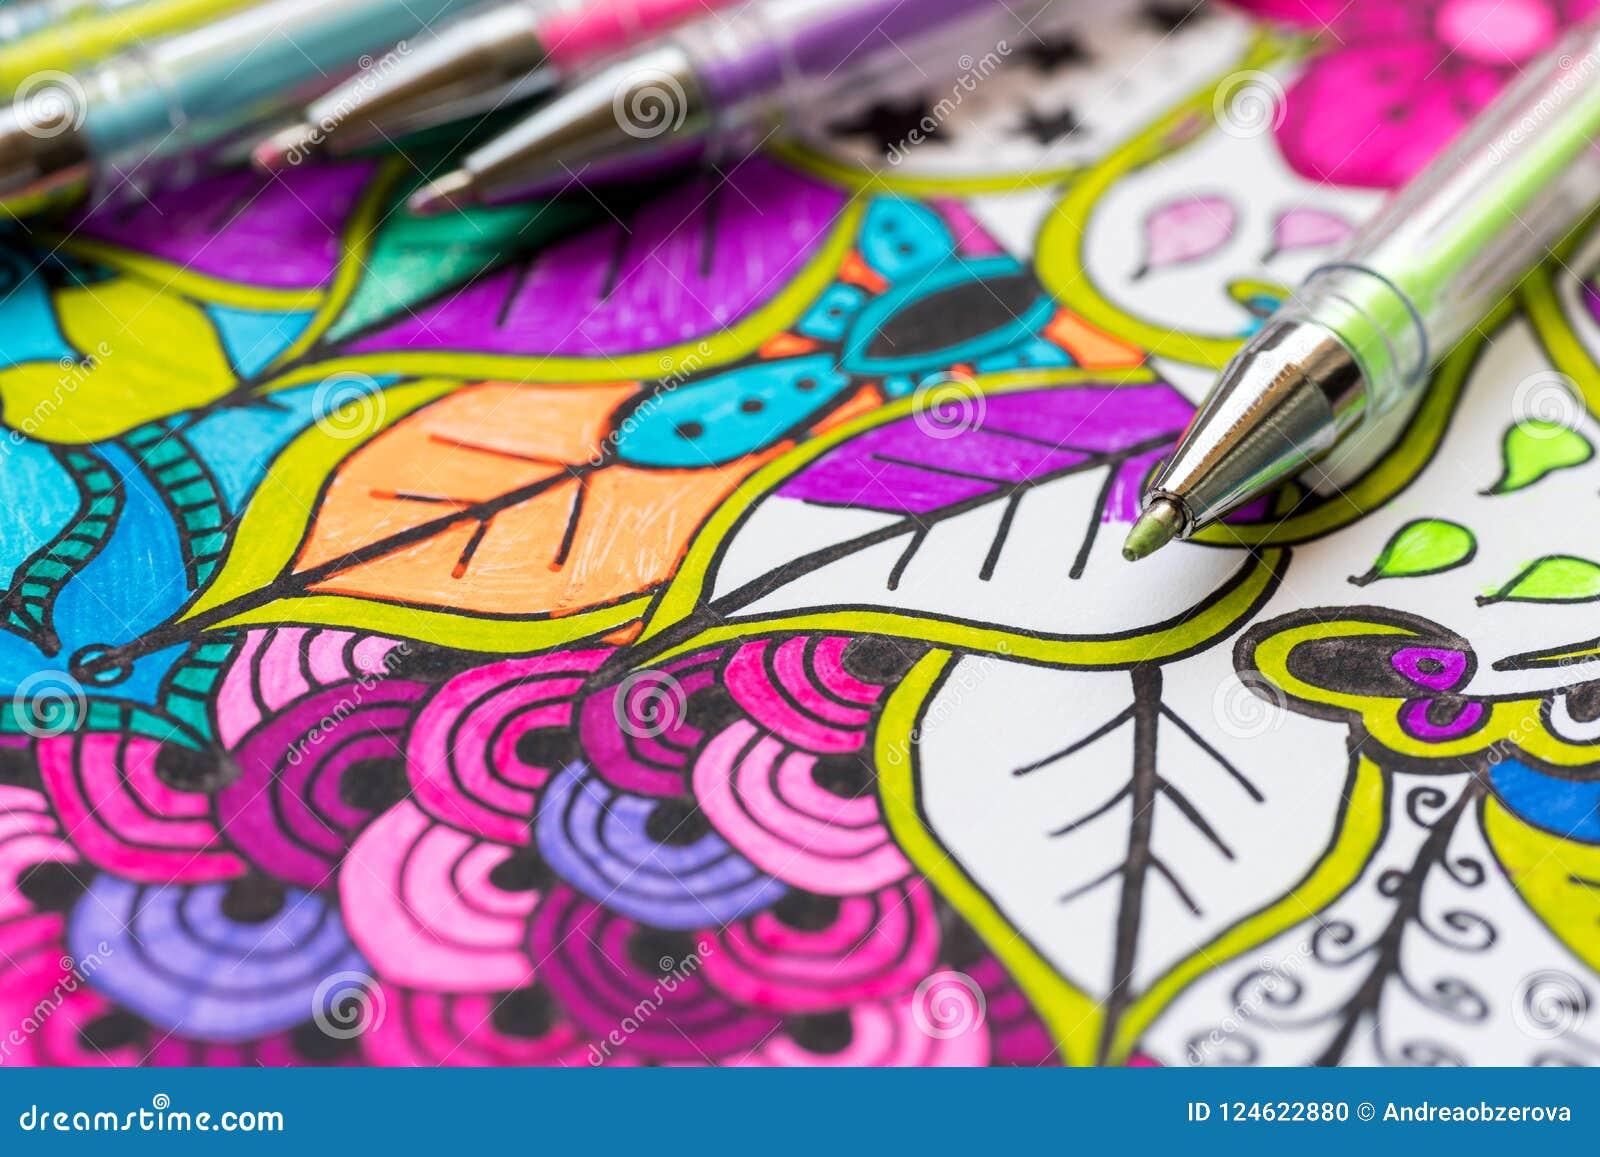 Livre de coloriage adulte, nouvelle tendance de recuit de stabilisation Concept de thérapie d art, de santé mentale, de créativit